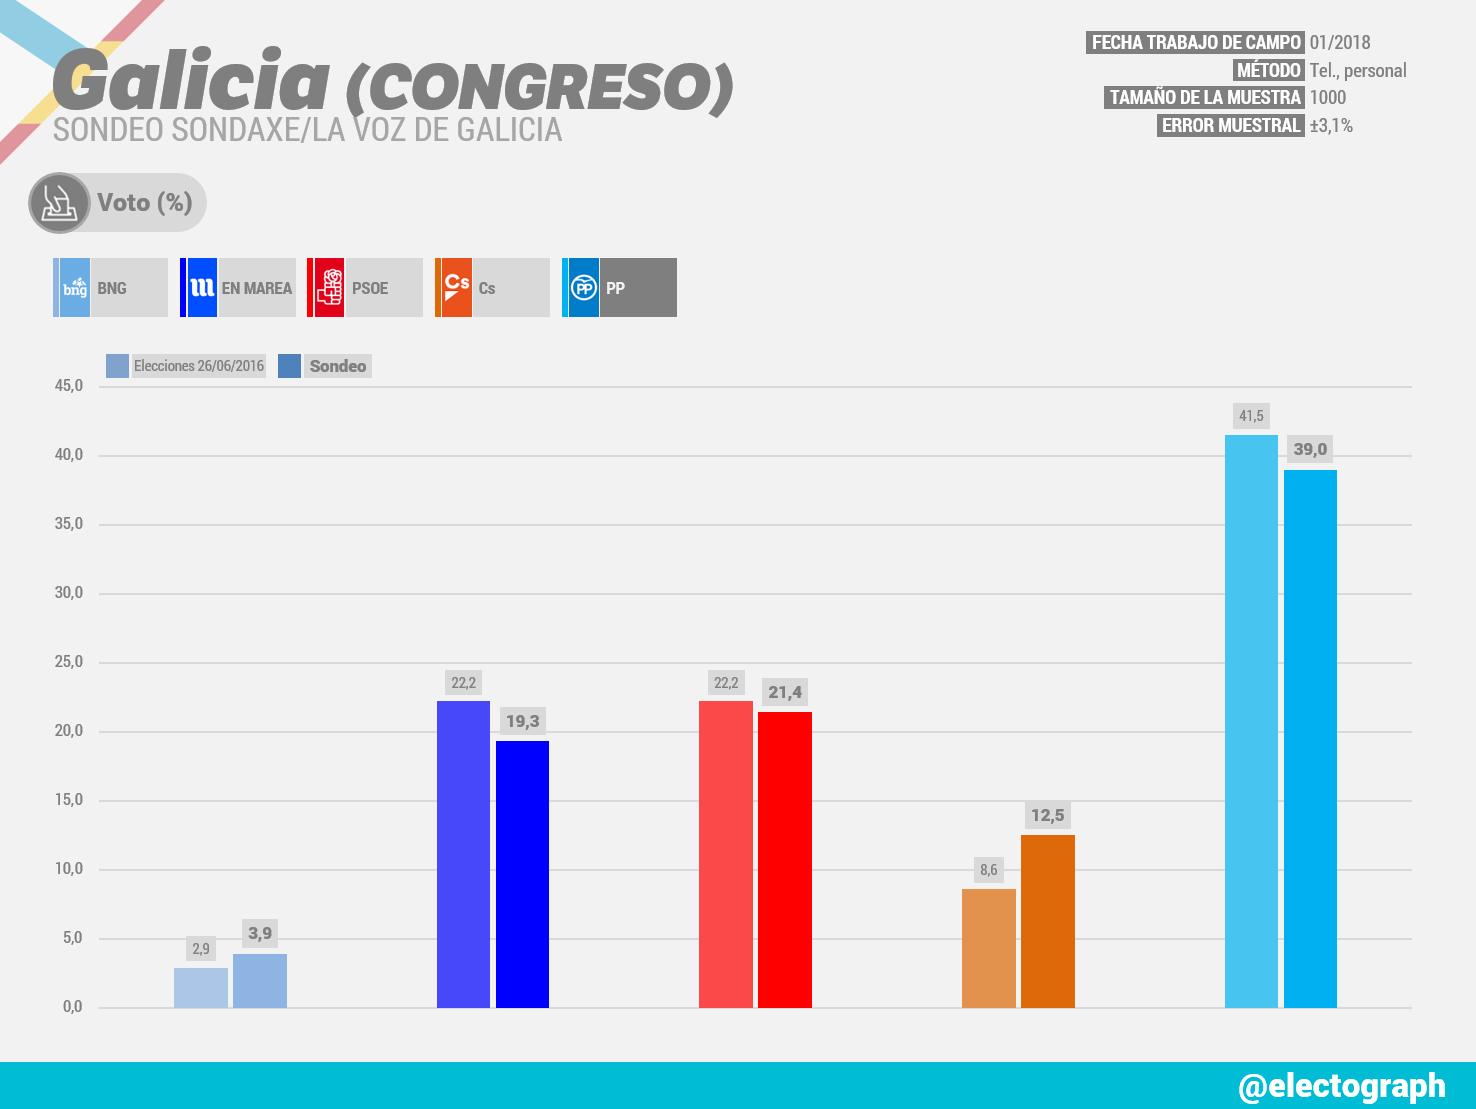 Gráfico de la encuesta para elecciones generales en Galicia realizada por Sondaxe para La Voz de Galicia en enero de 2018